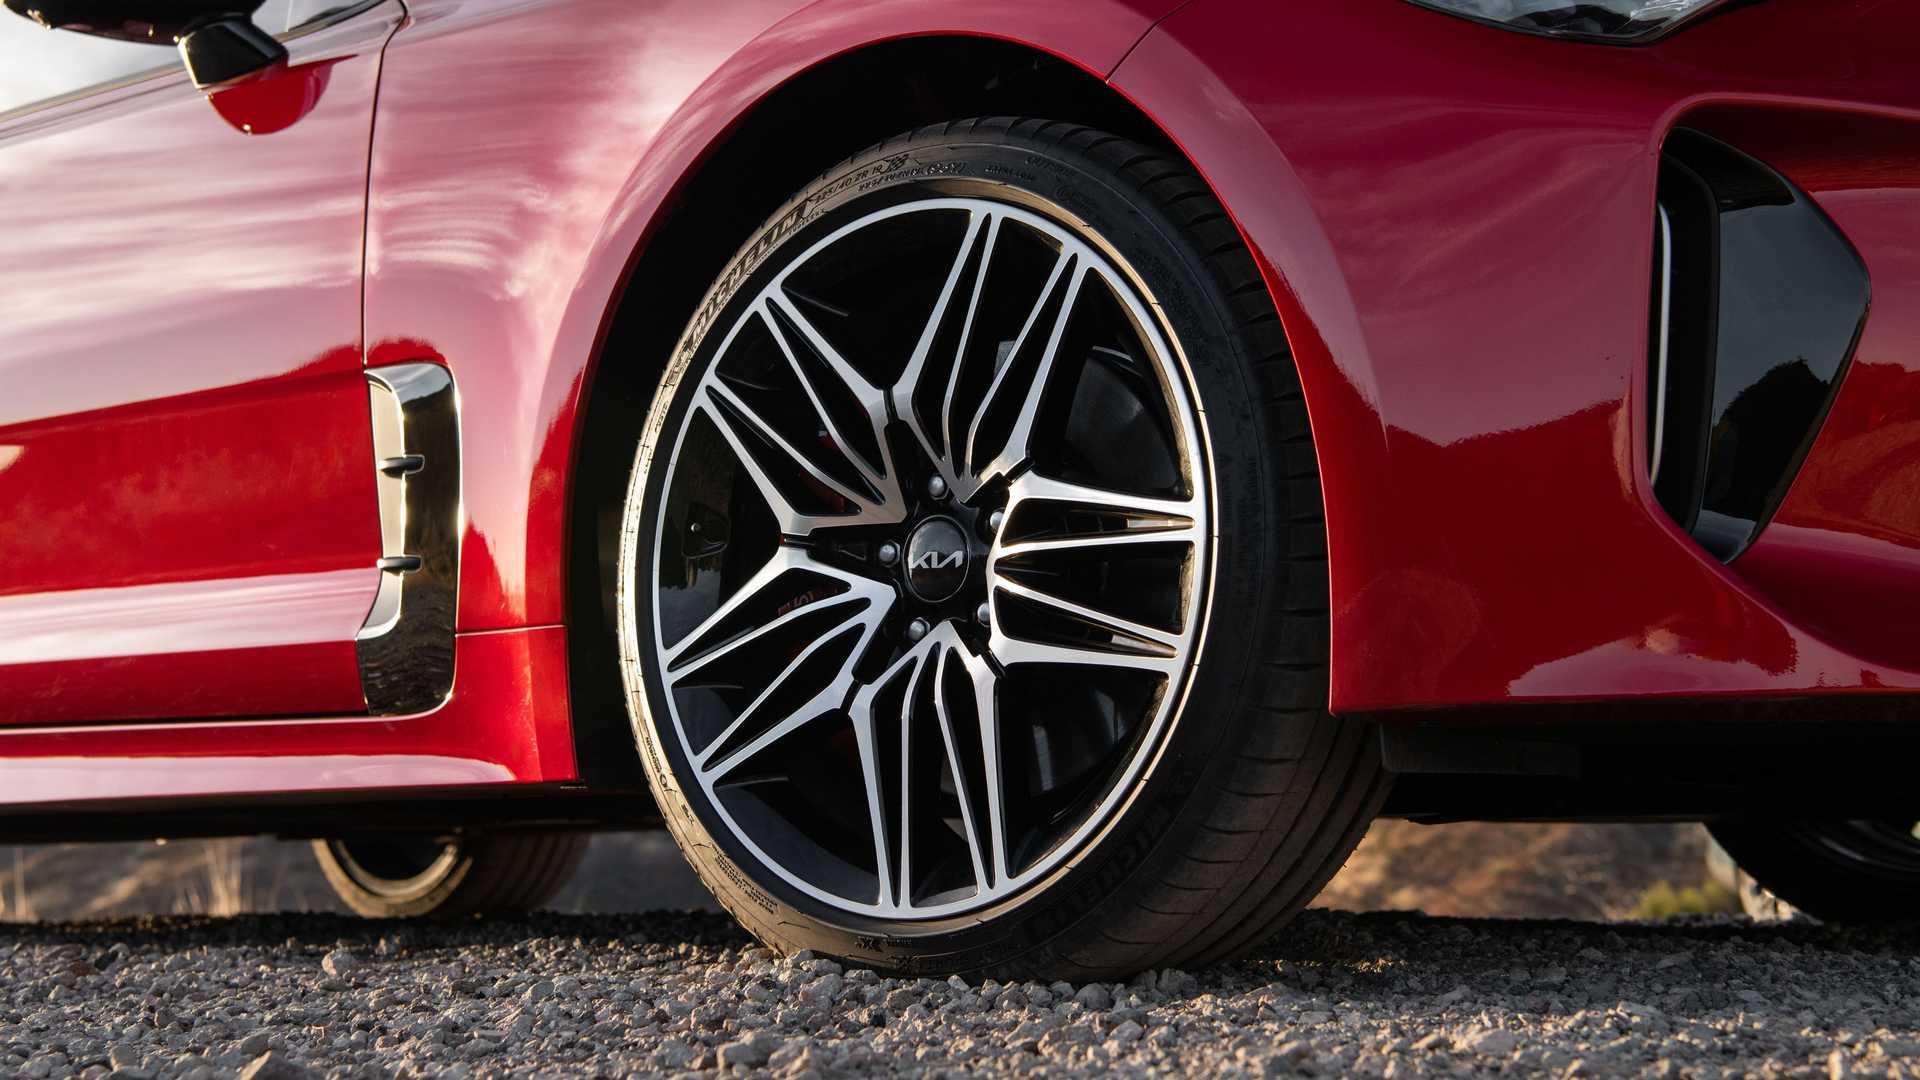 سریع ترین خودروی کیا موتورز با مدل 2022 و نسخه ویژه اسکورپیون برای بازار آمریکا / عکس